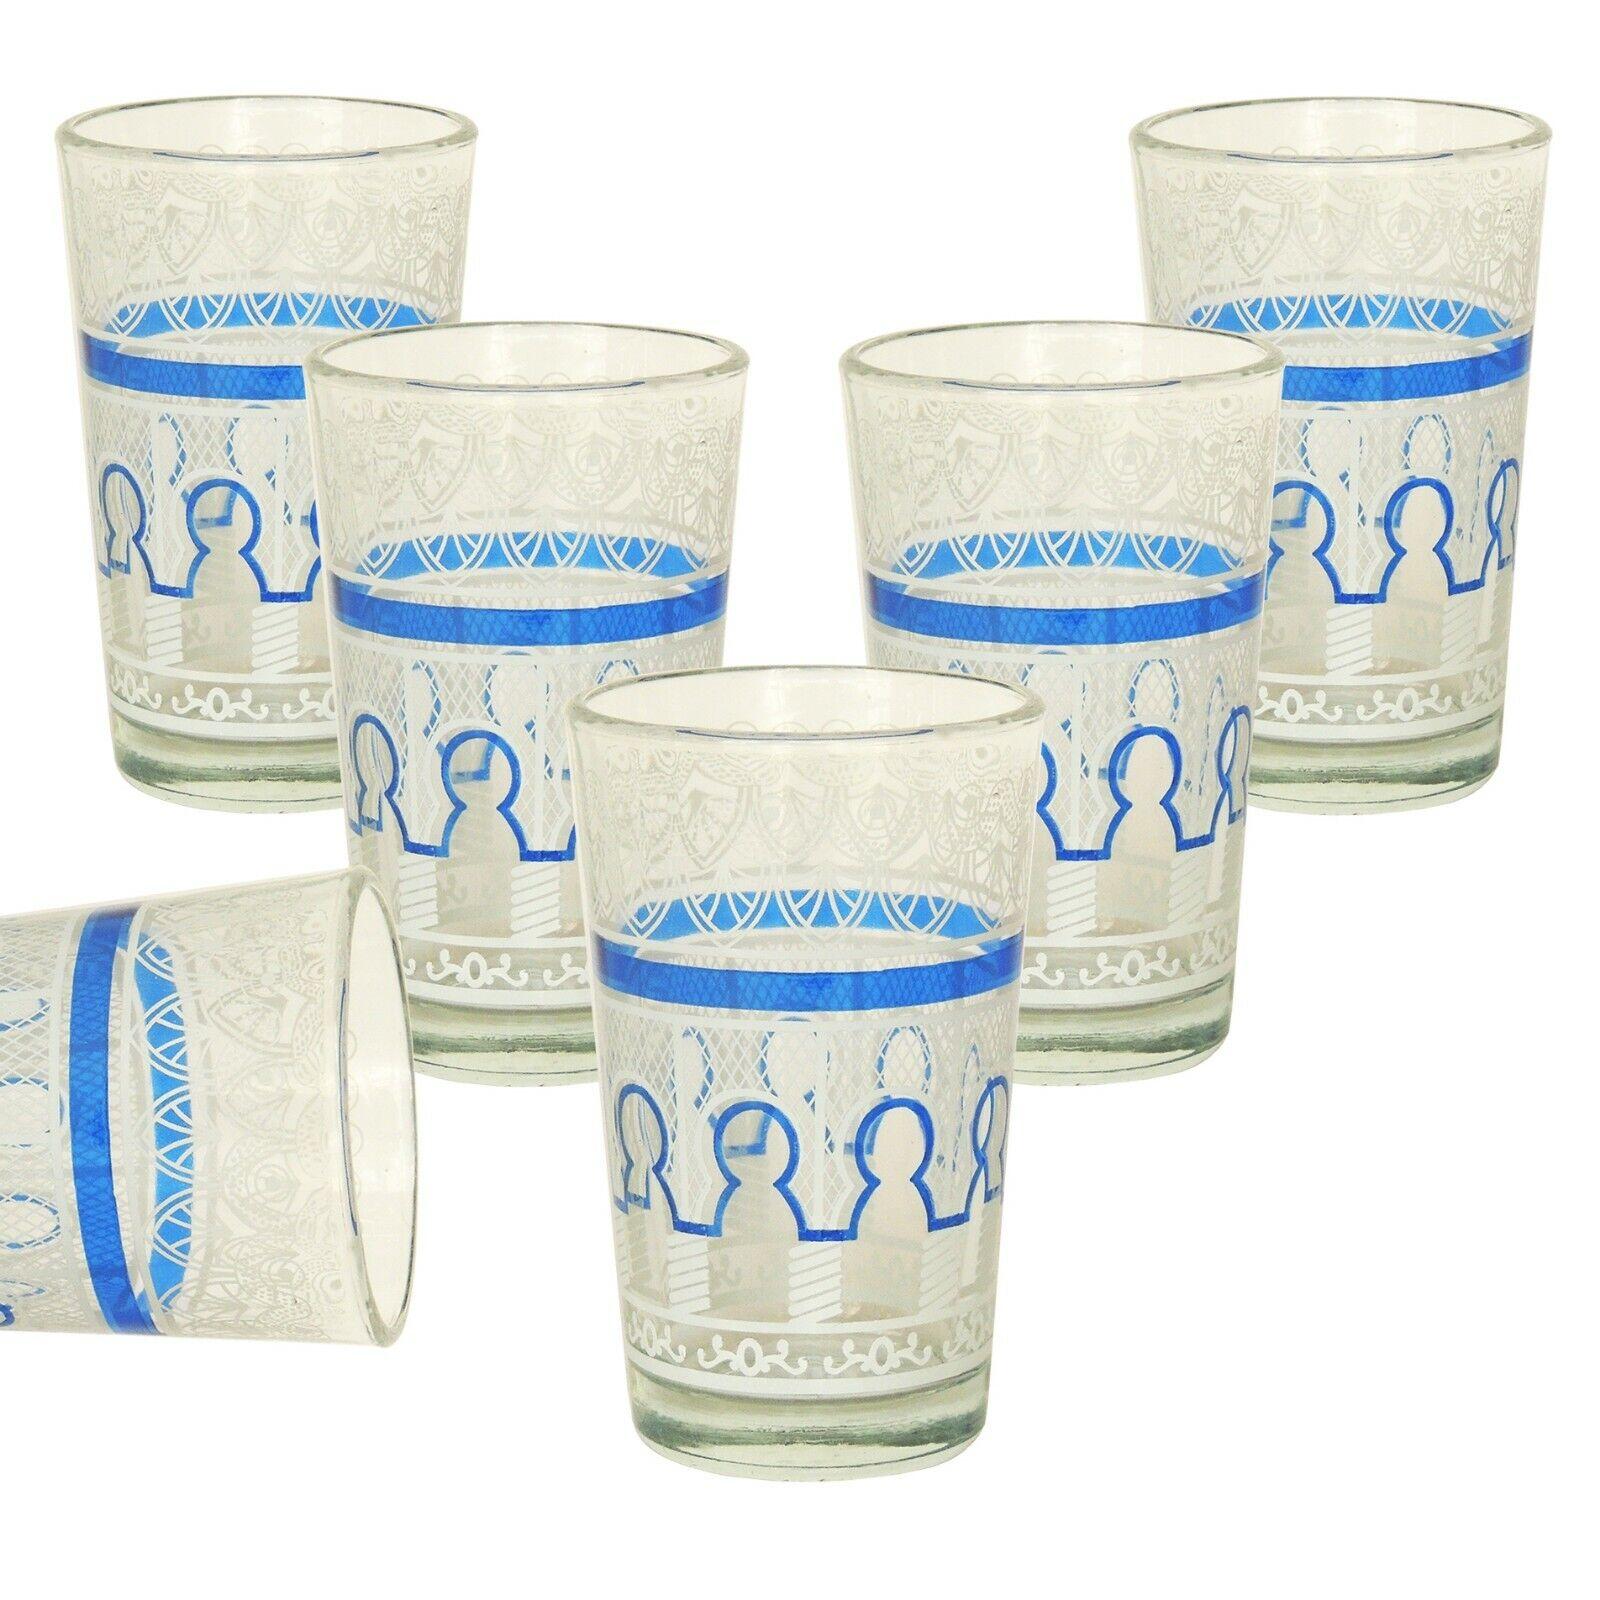 6er Set marokkanische teegläser Beldi - Arabische Orientalische Gläser Marokko